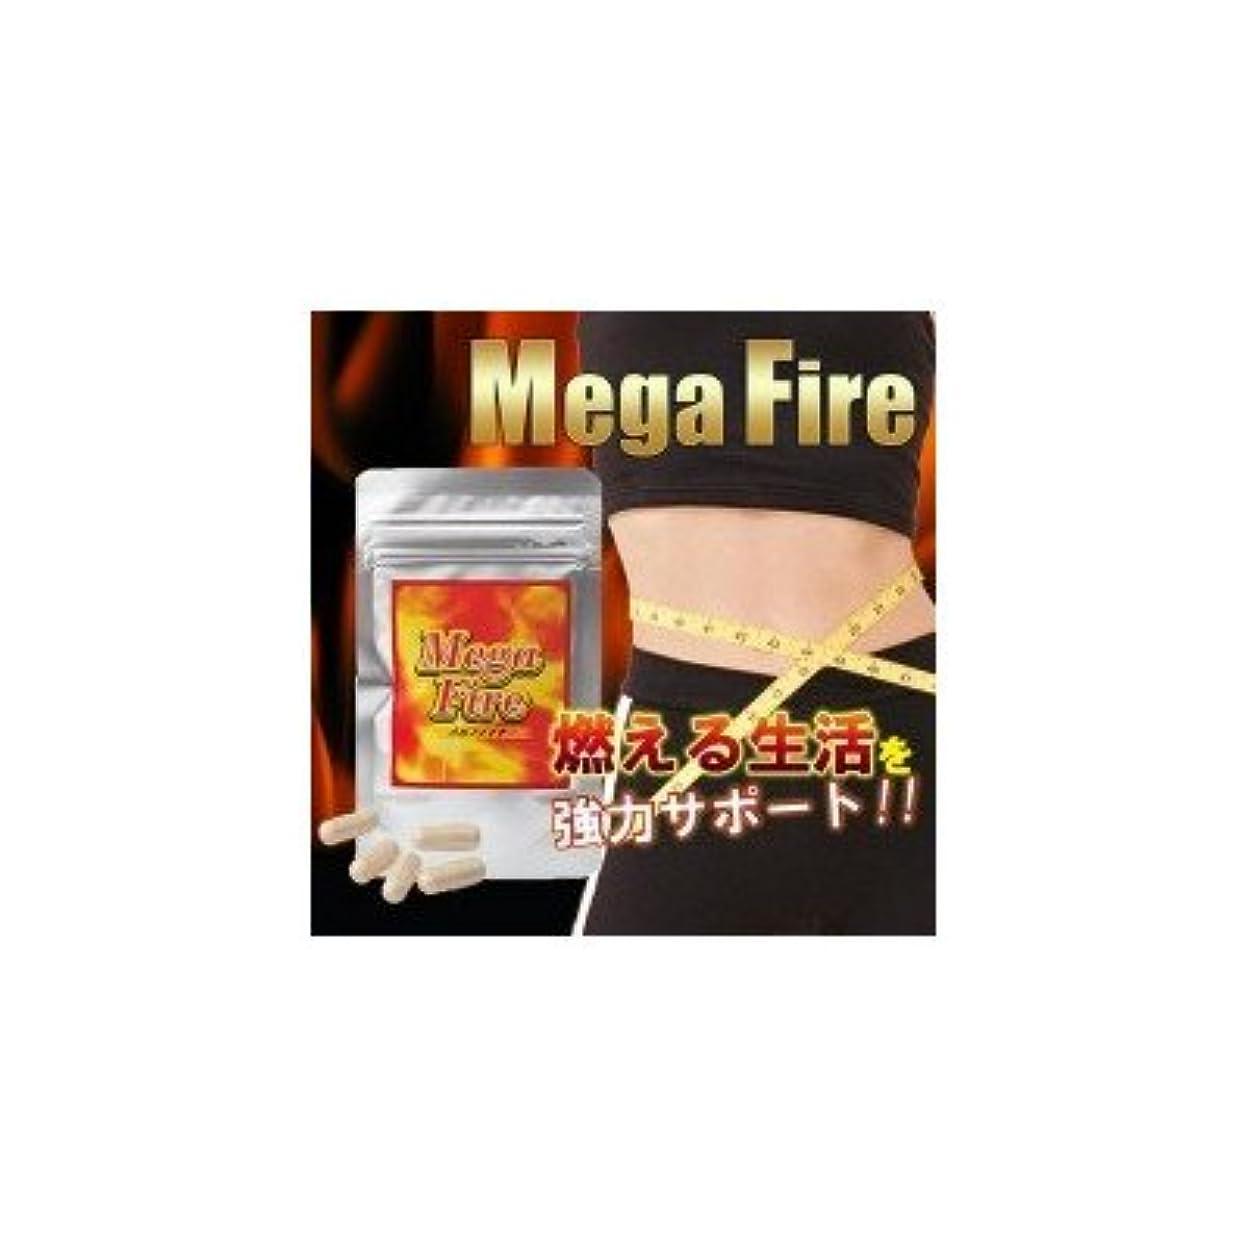 トランジスタ名門生命体Mega-Fire(メガファイア) 13.9g(377mg(1粒内容量300mg)×37カプセル)